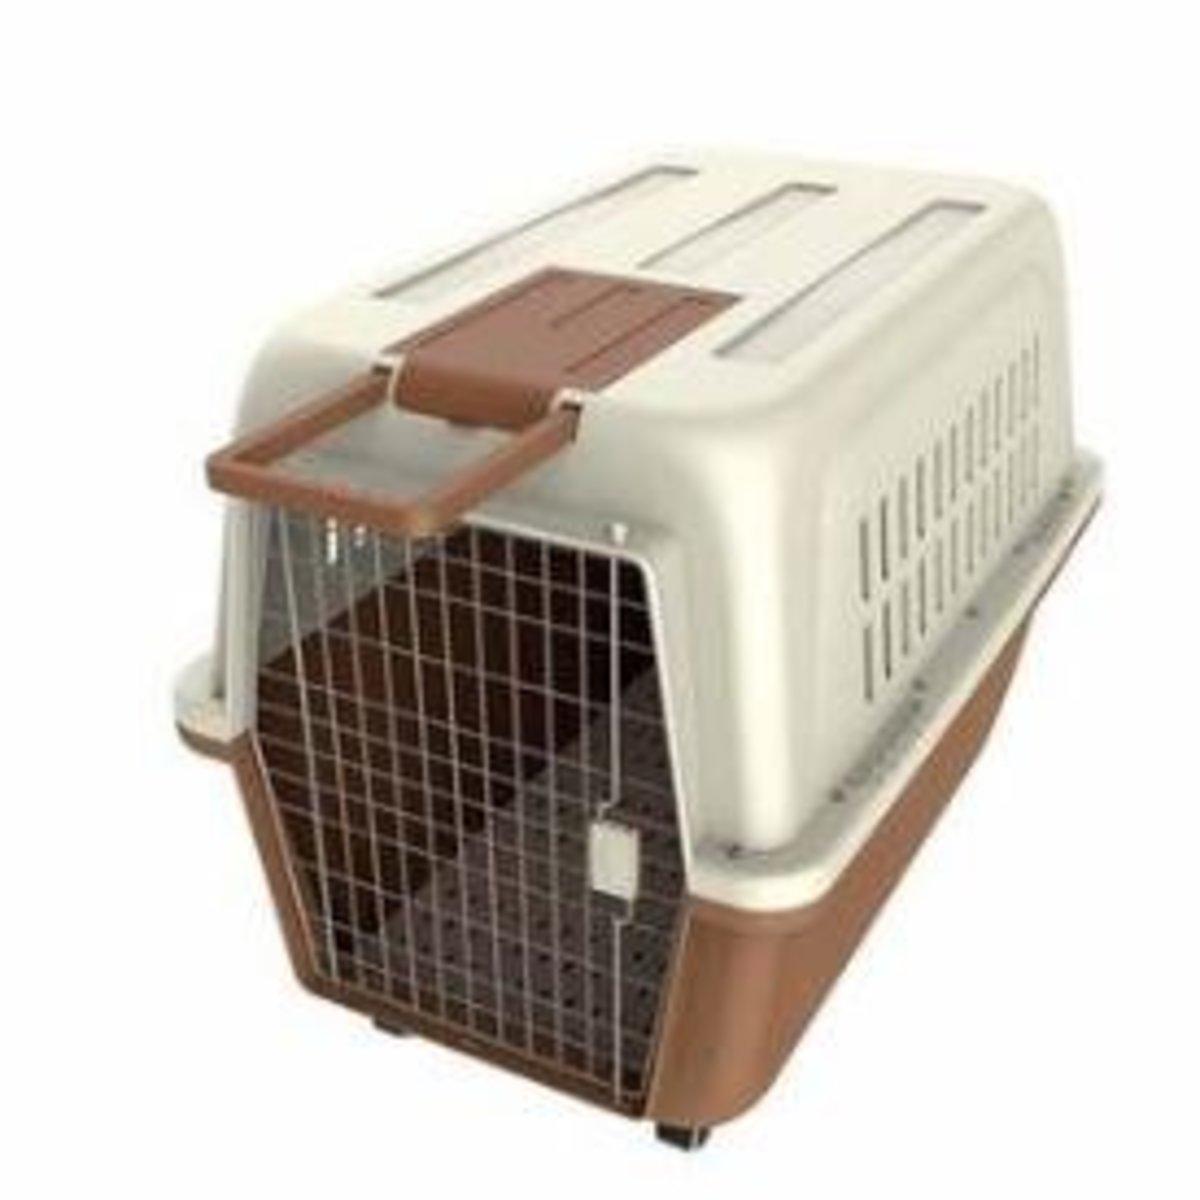 寵物飛機籠(米白+咖啡色)(81*57*60cm)